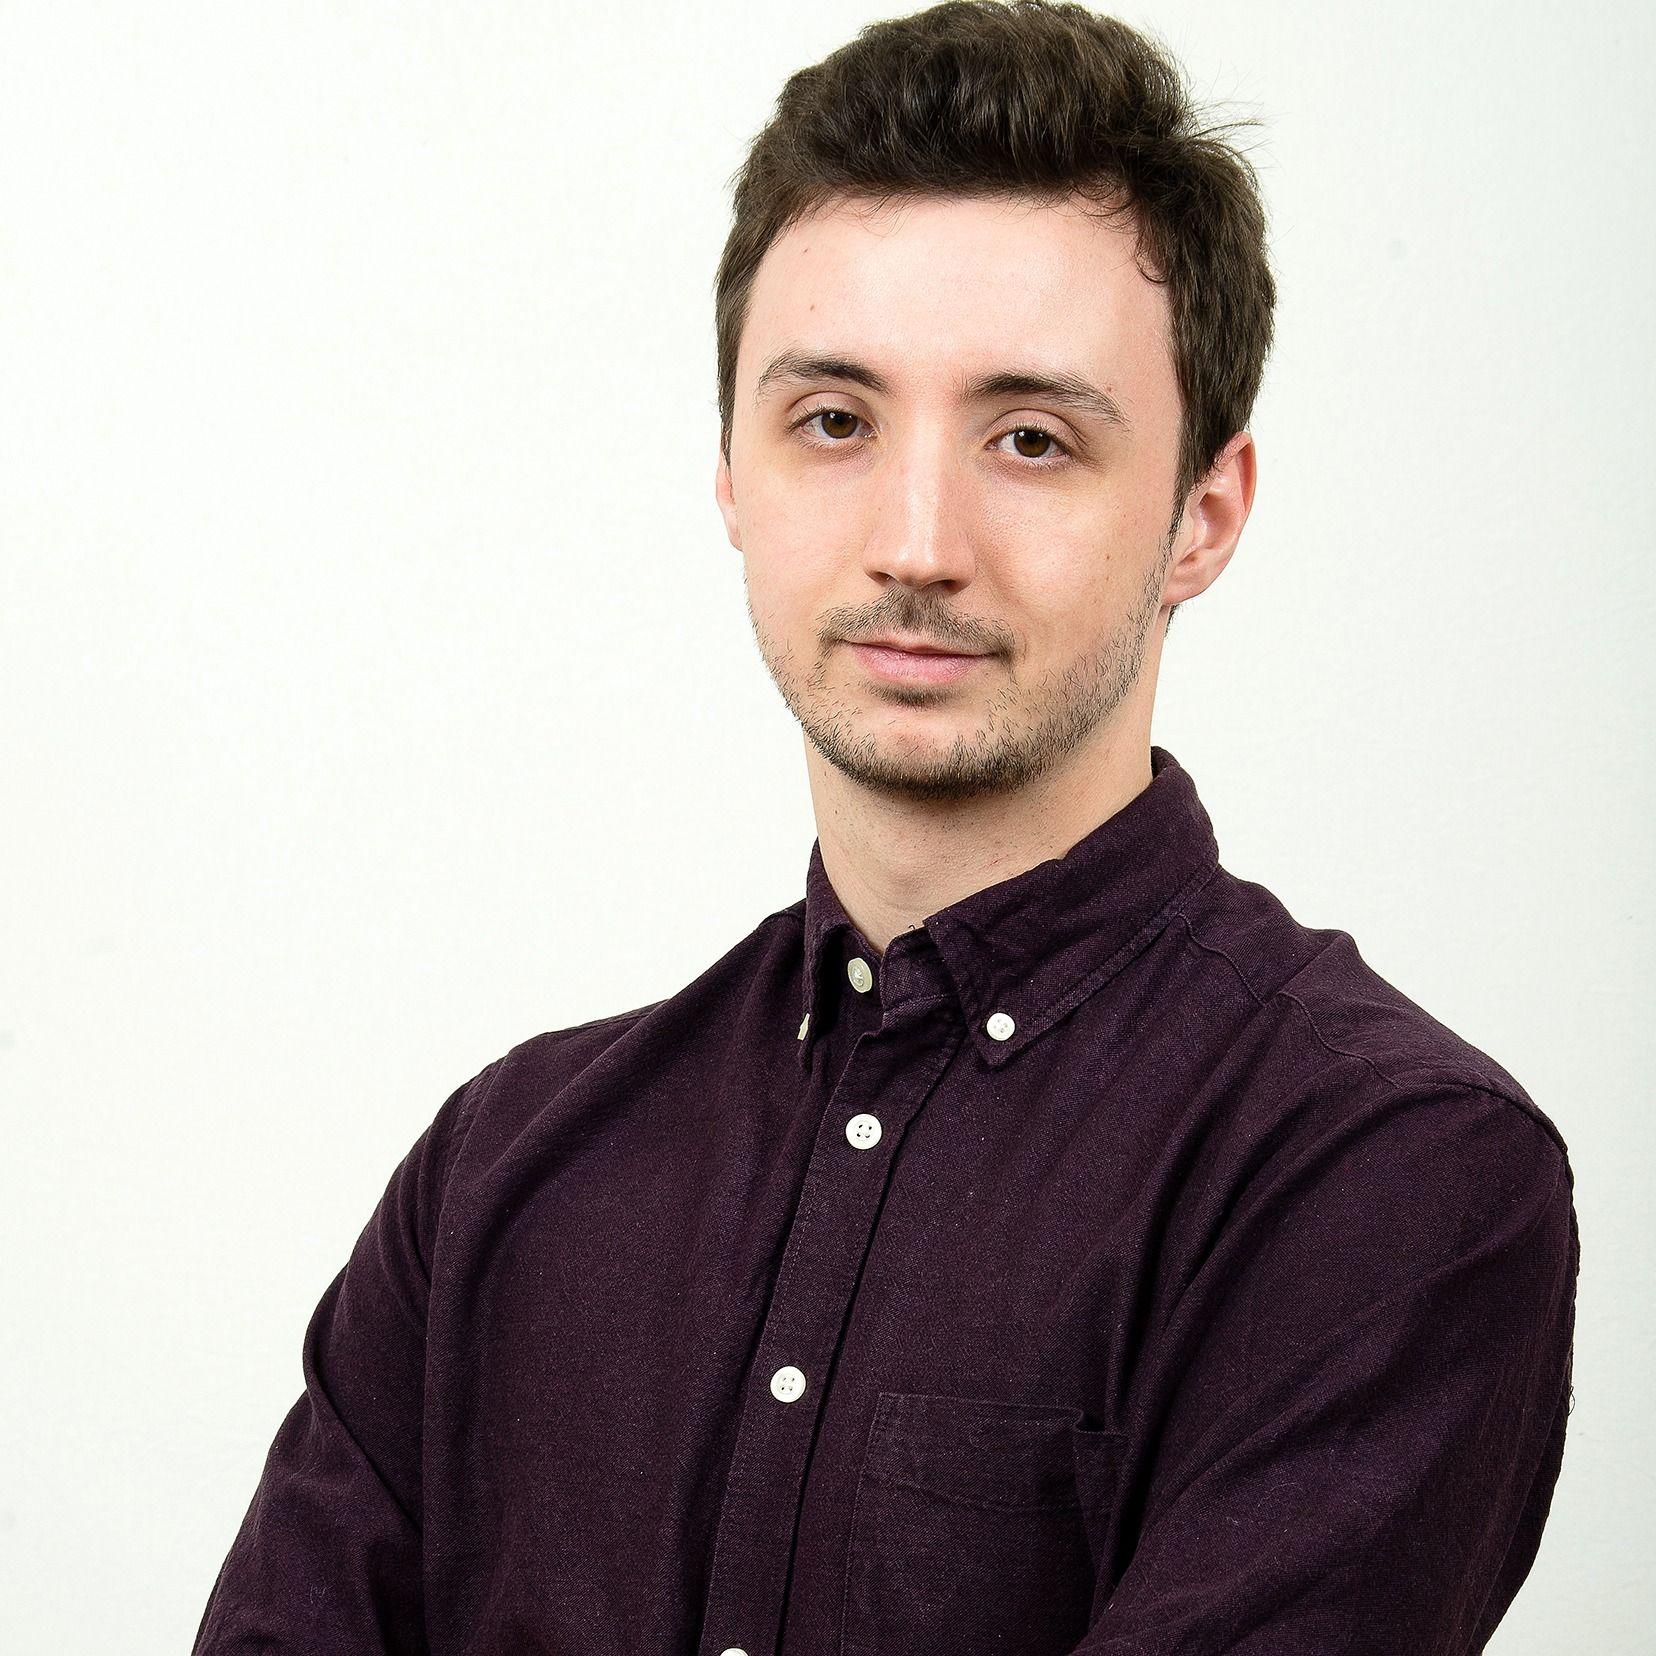 Antoine Veuiller Hacker Noon profile picture